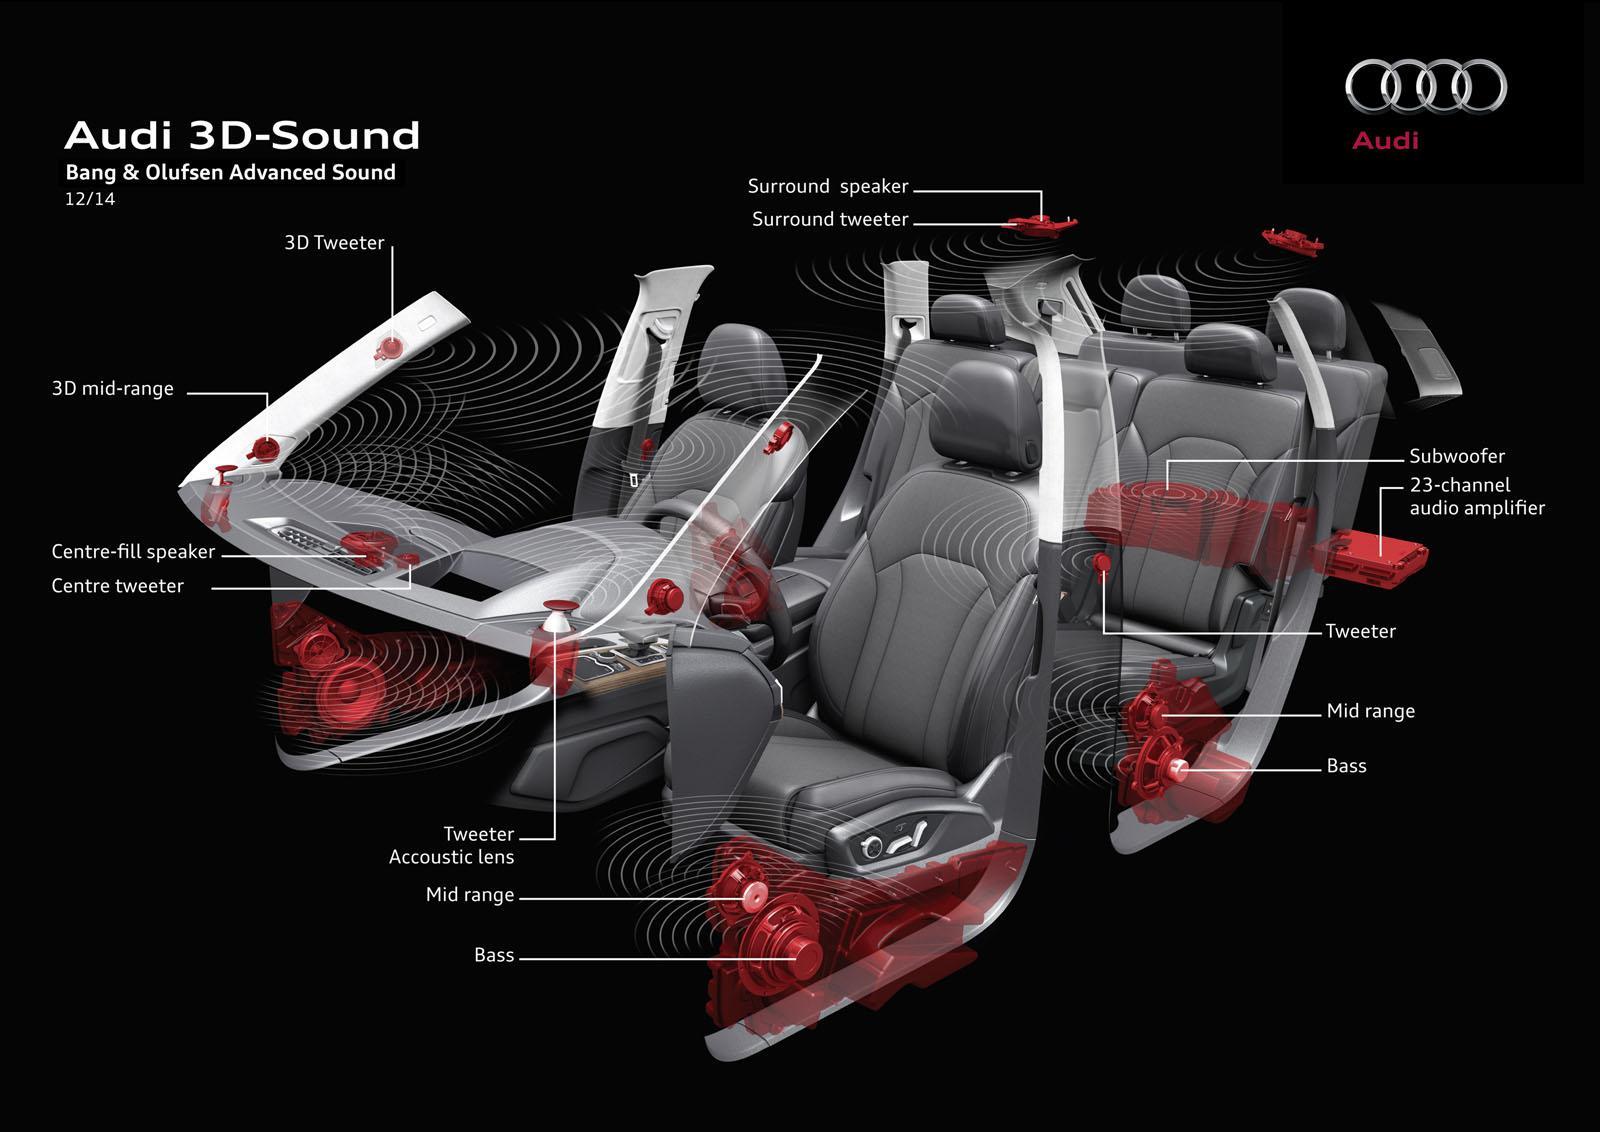 2015 Audi Q7 3D Sound System Highlighted - GTspirit